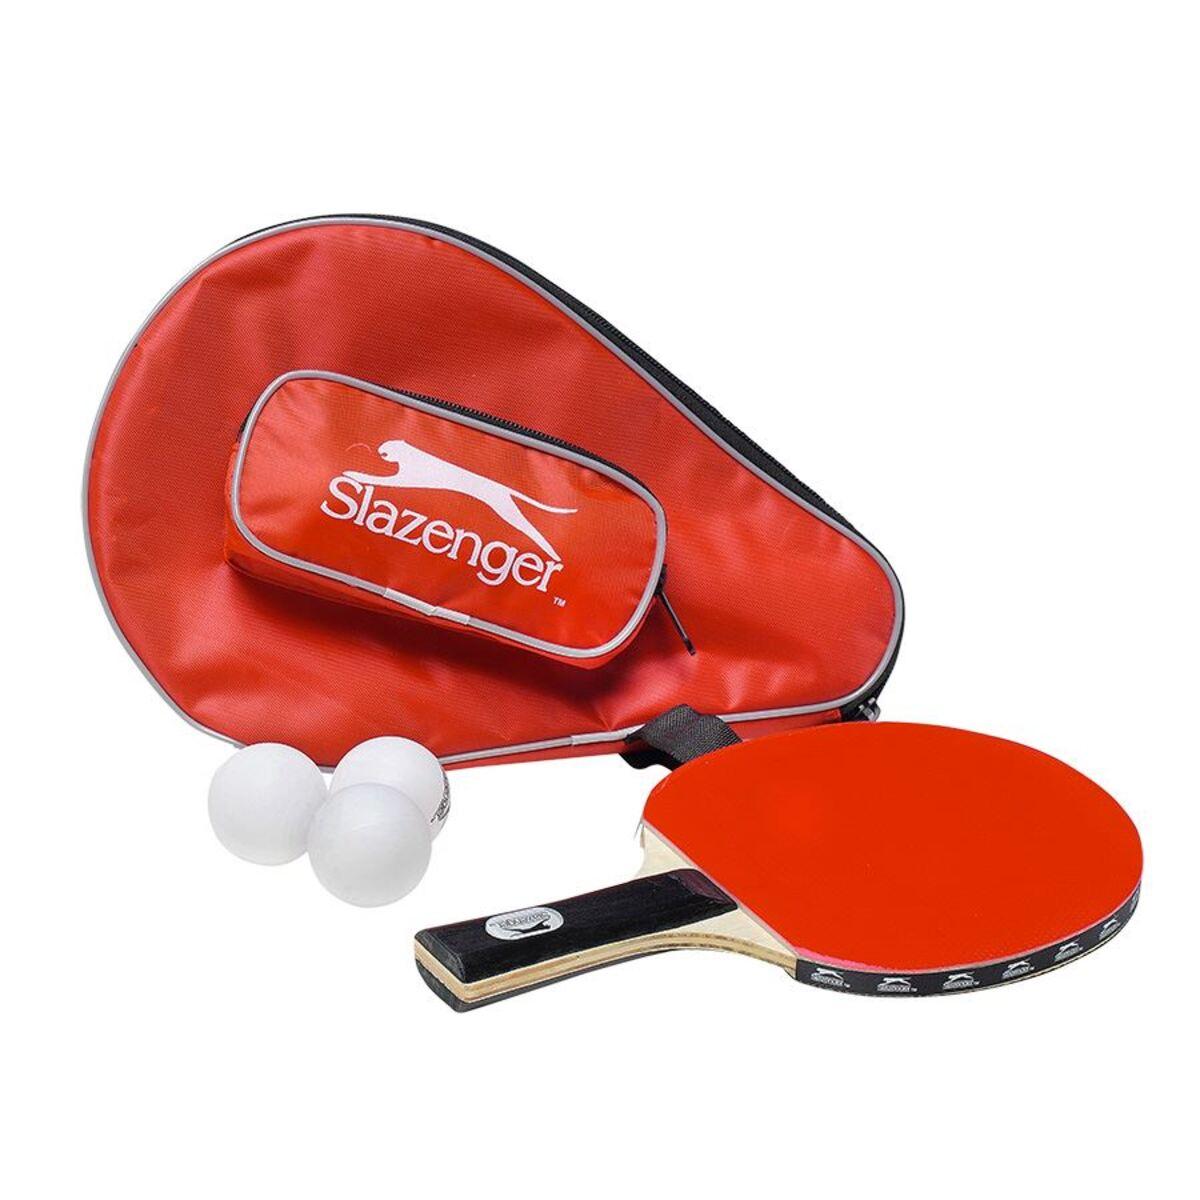 Bild 1 von Tischtennis-Set mit Tragetasche